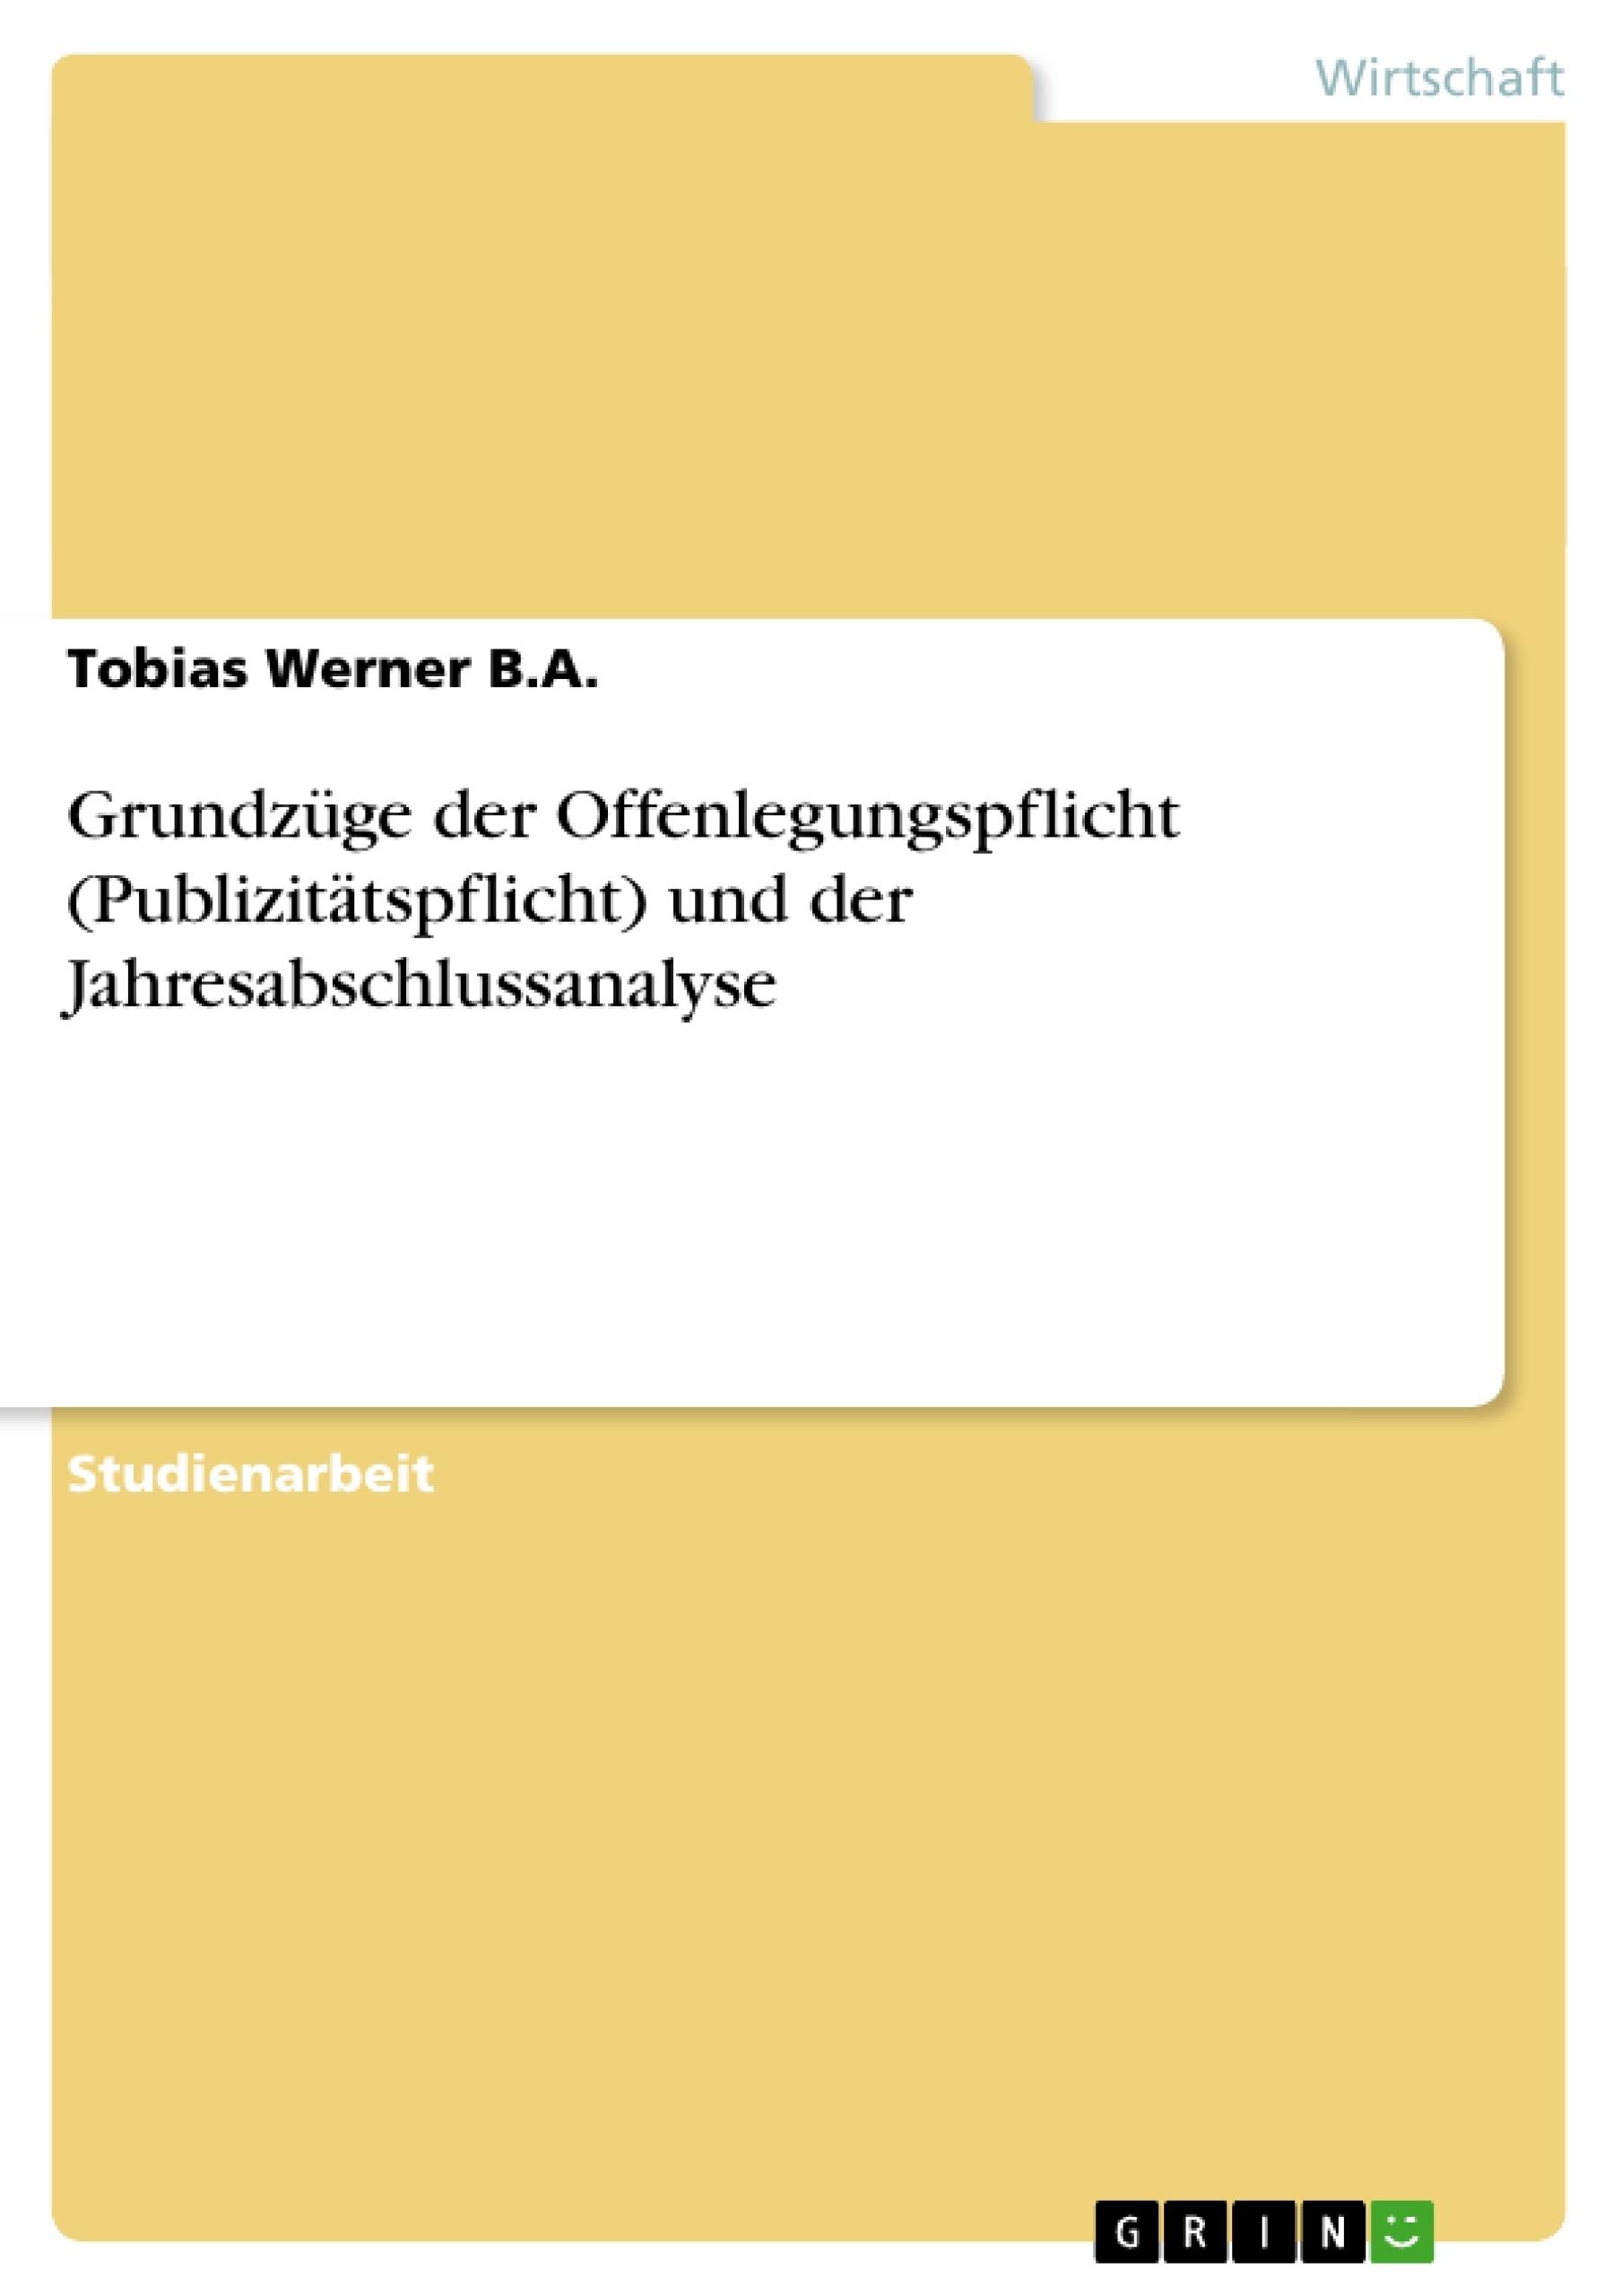 Titel: Grundzüge der Offenlegungspflicht (Publizitätspflicht) und der Jahresabschlussanalyse